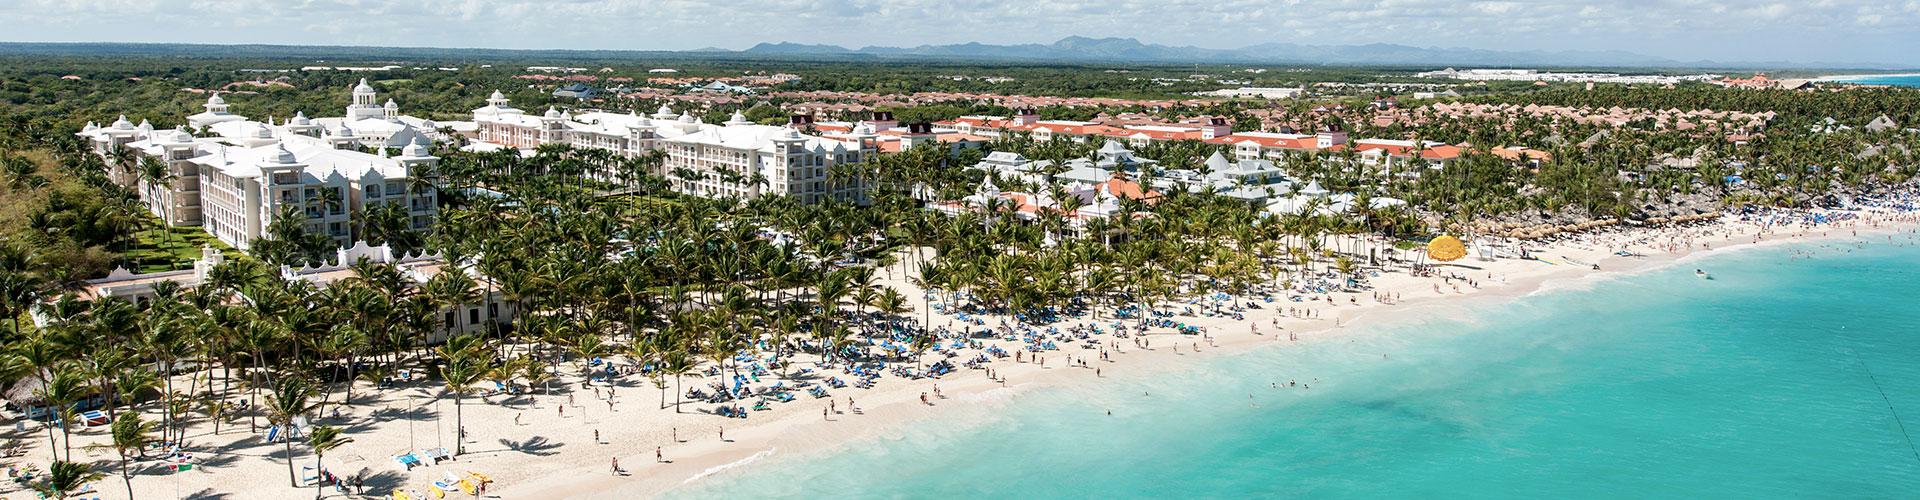 Urlaub Punta Cana an der Ostküste der Dominikanischen Republik